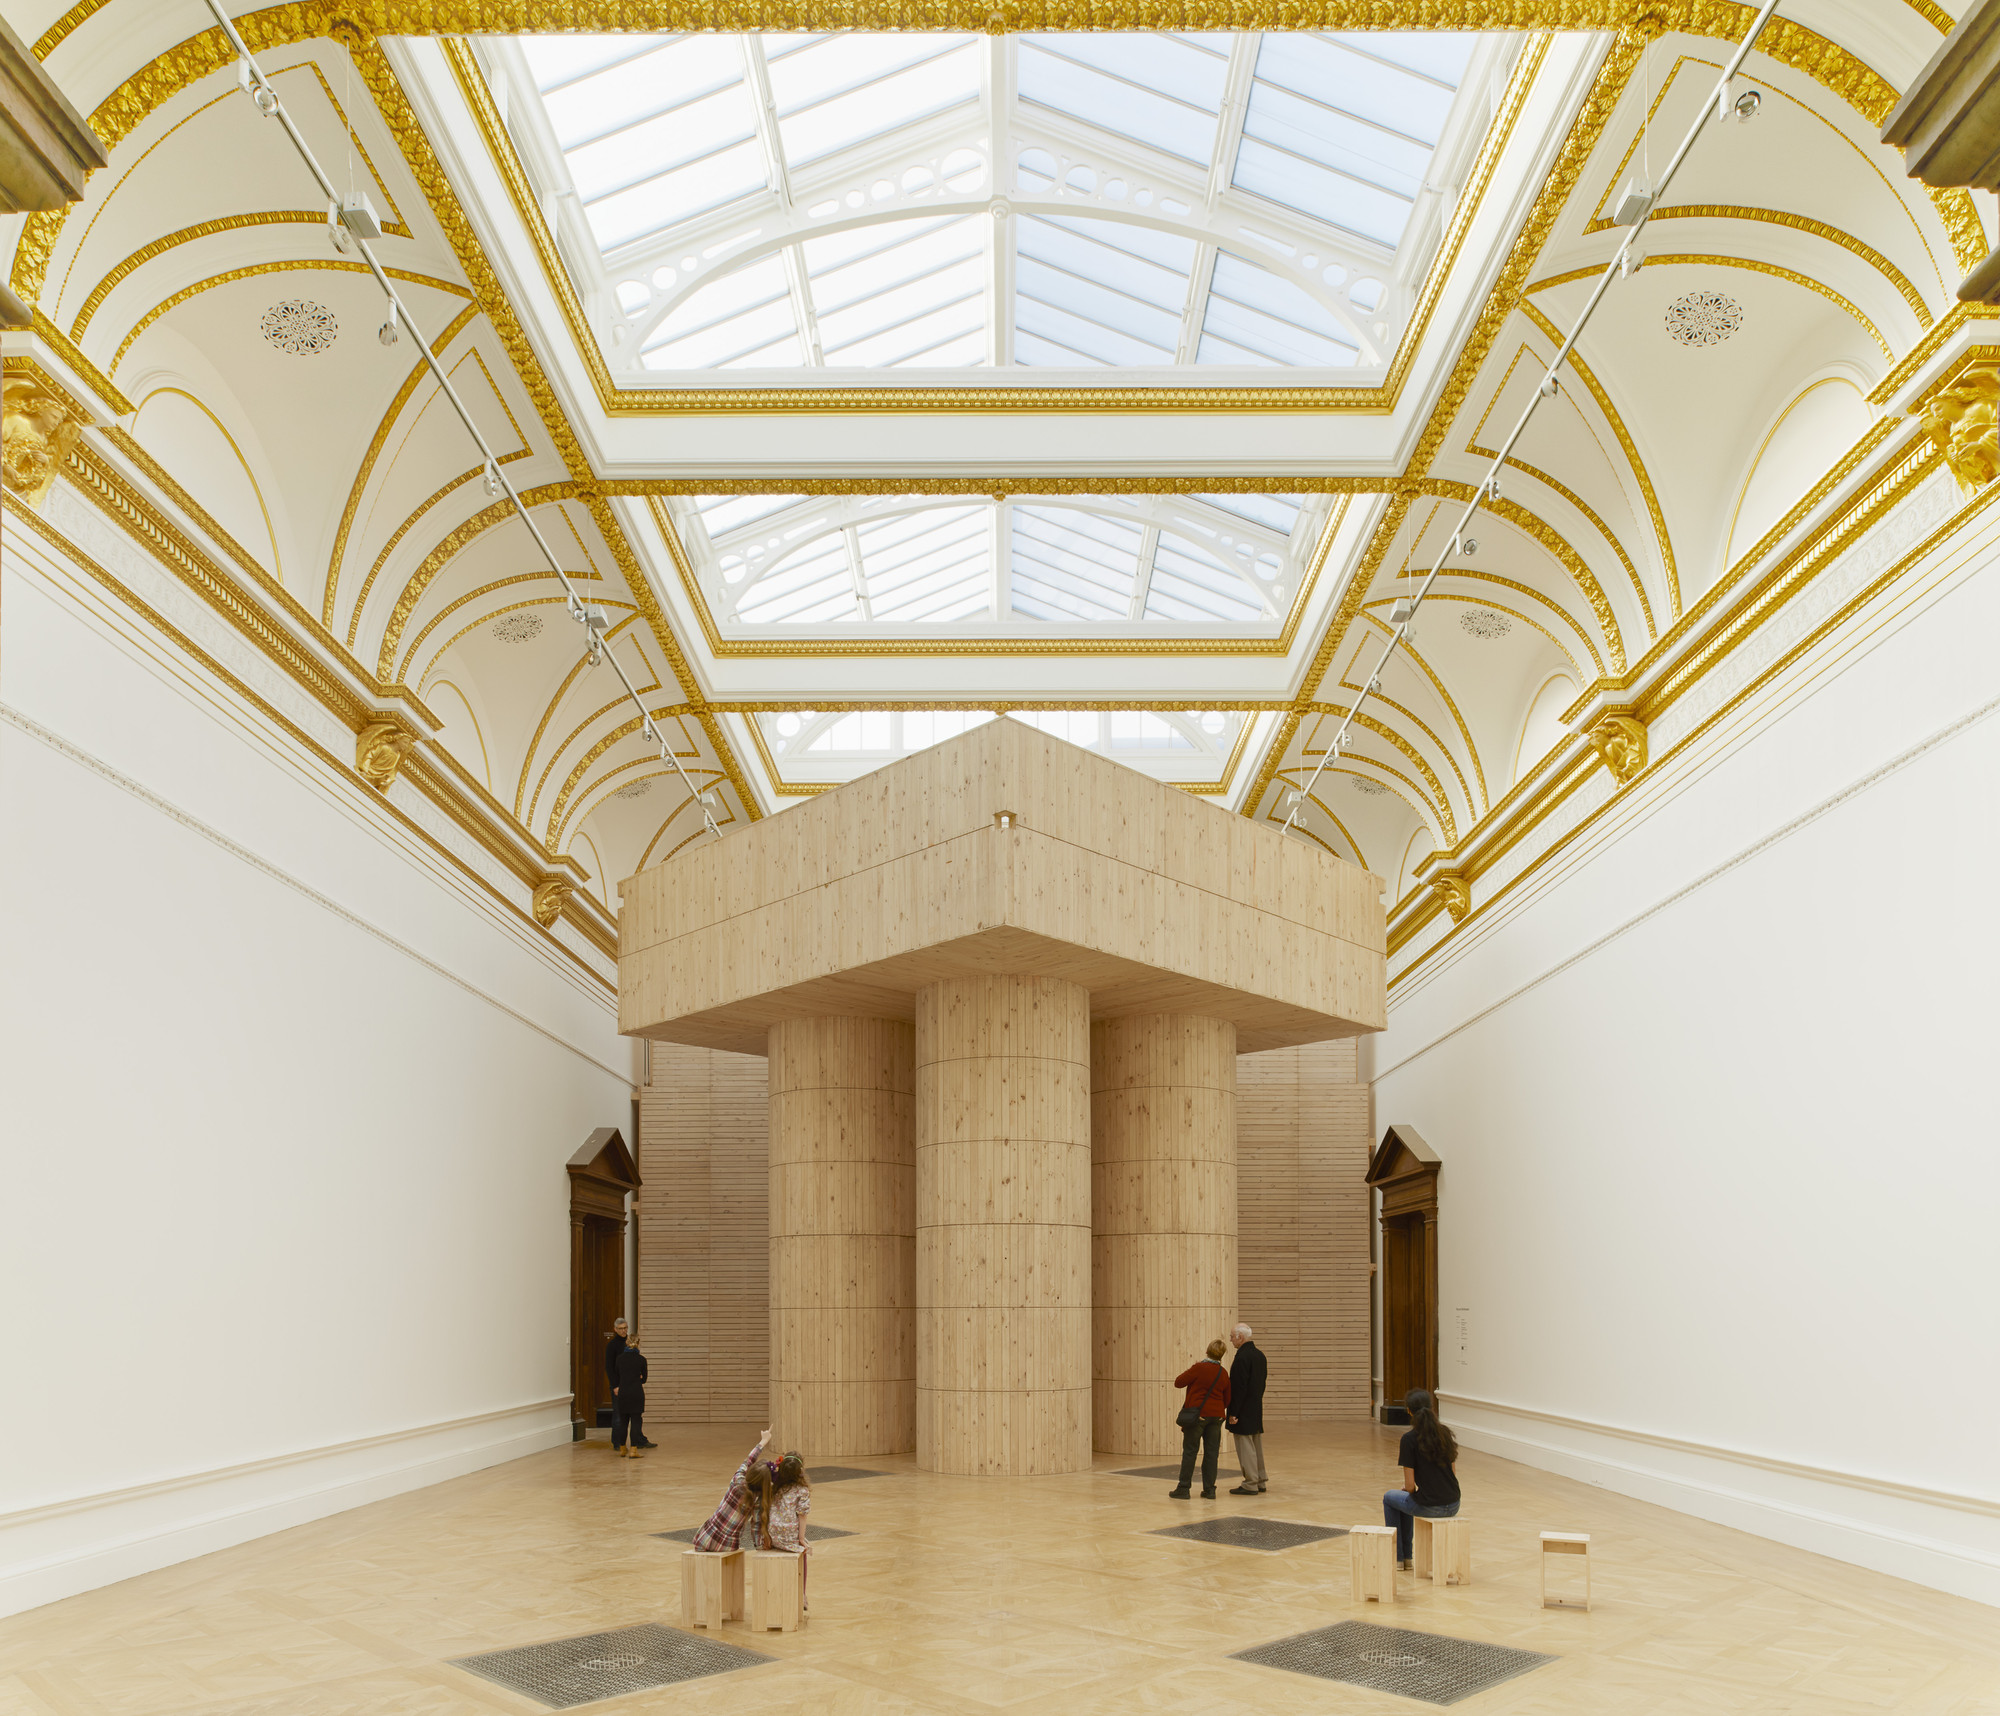 Sete arquitetos transformam a Royal Academy de Londres em uma experiência multi-sensorial, Instalação (Blue Pavilion) por Pezo von Ellrichshausen. © Royal Academy of Arts, London, 2014. Fotografia: James Harris